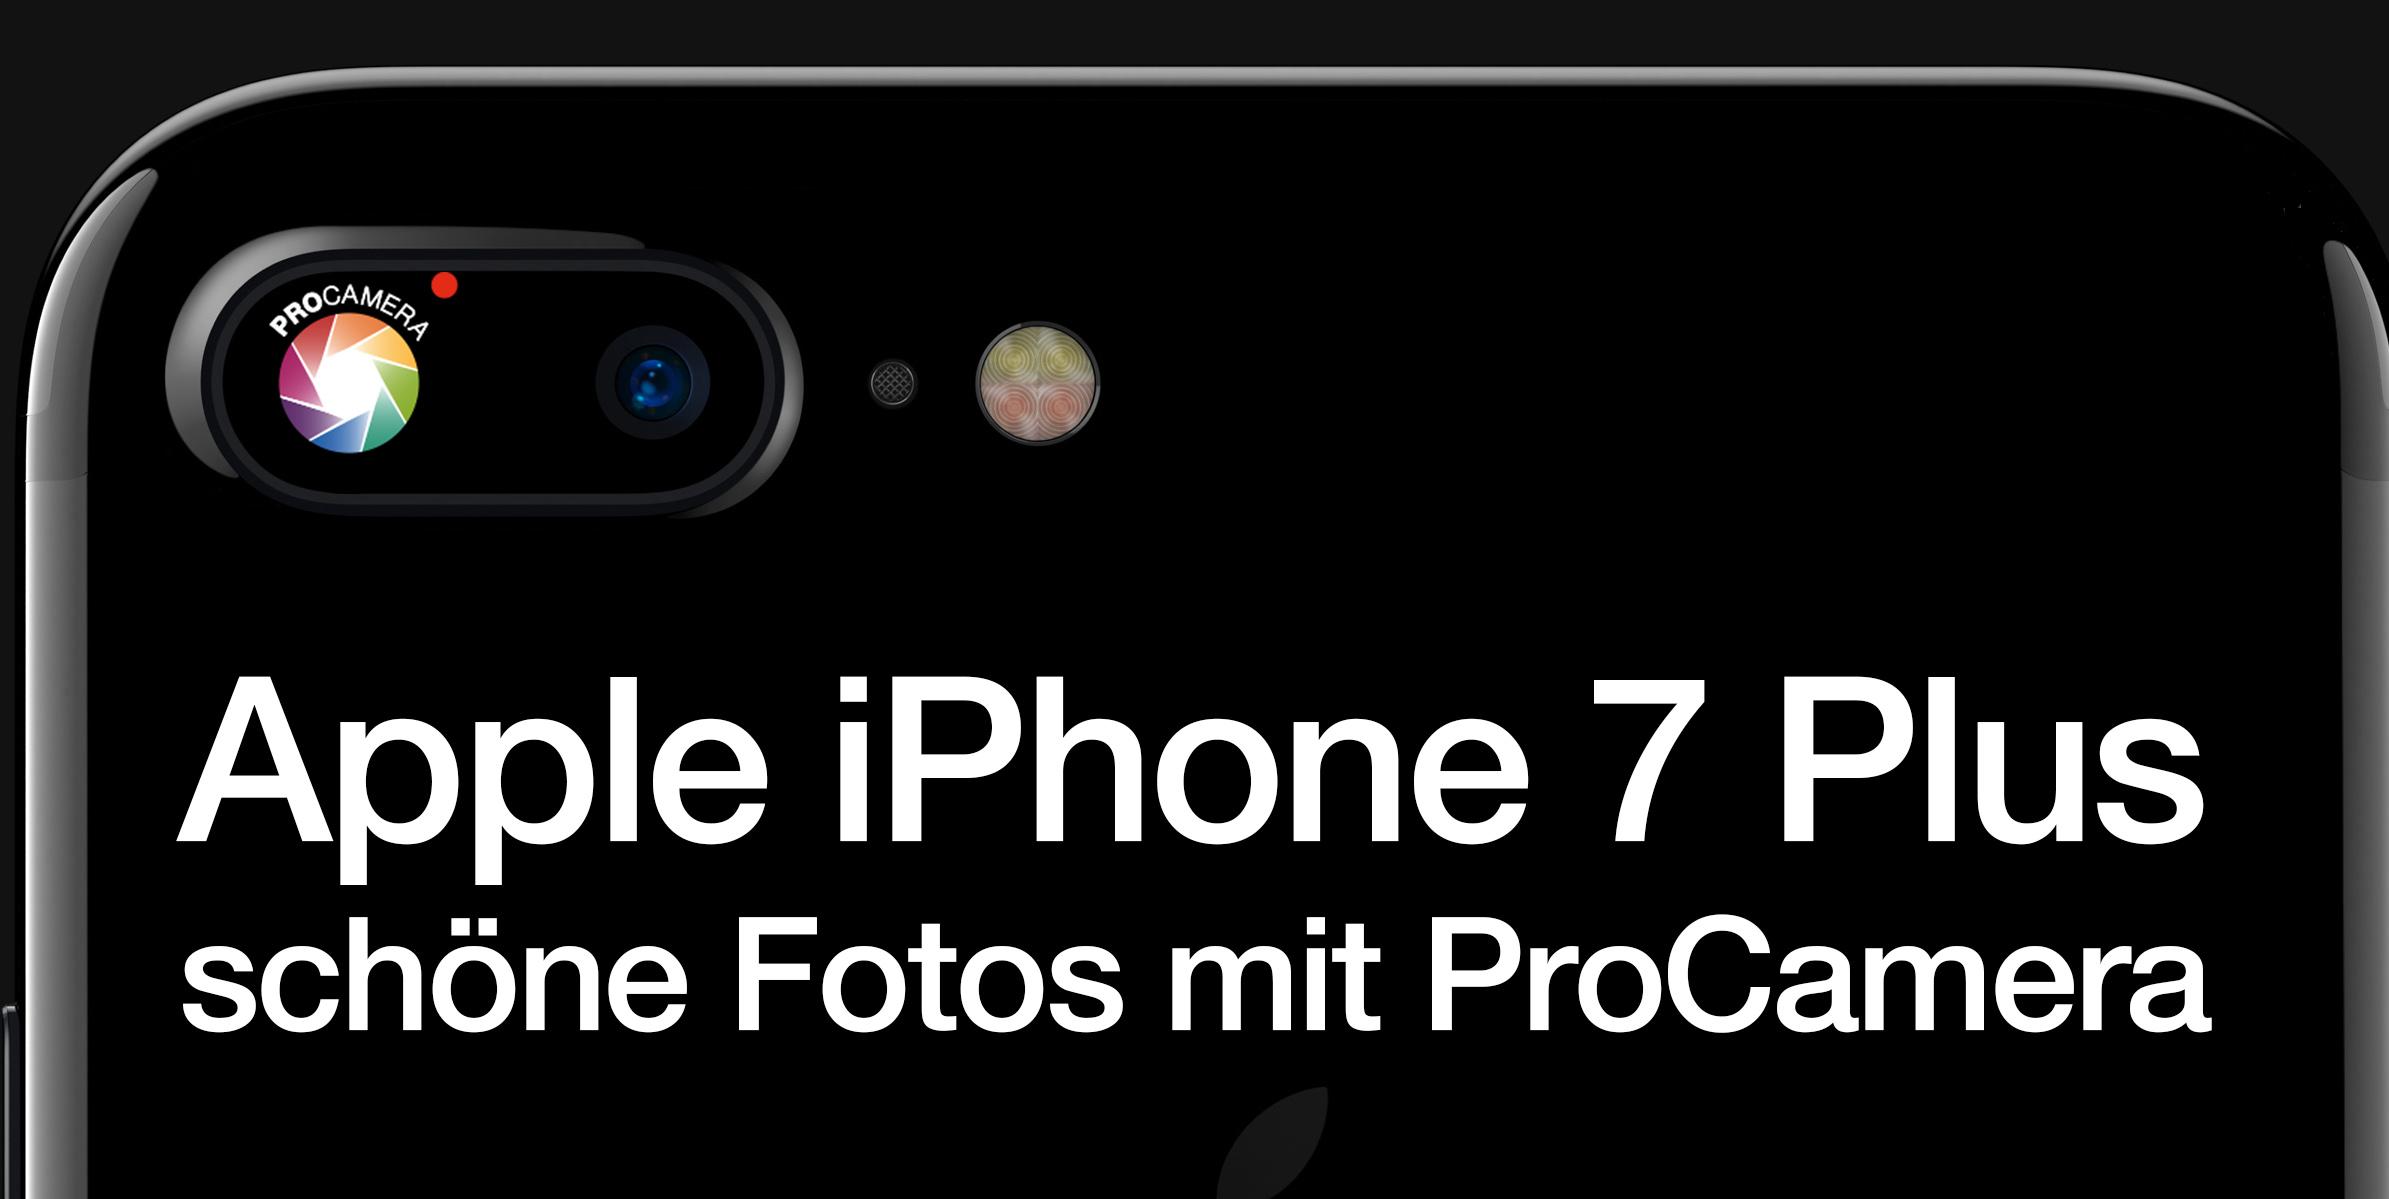 Dank Procamera schöne Fotos mit dem iPhone 7 Plus knipsen ...